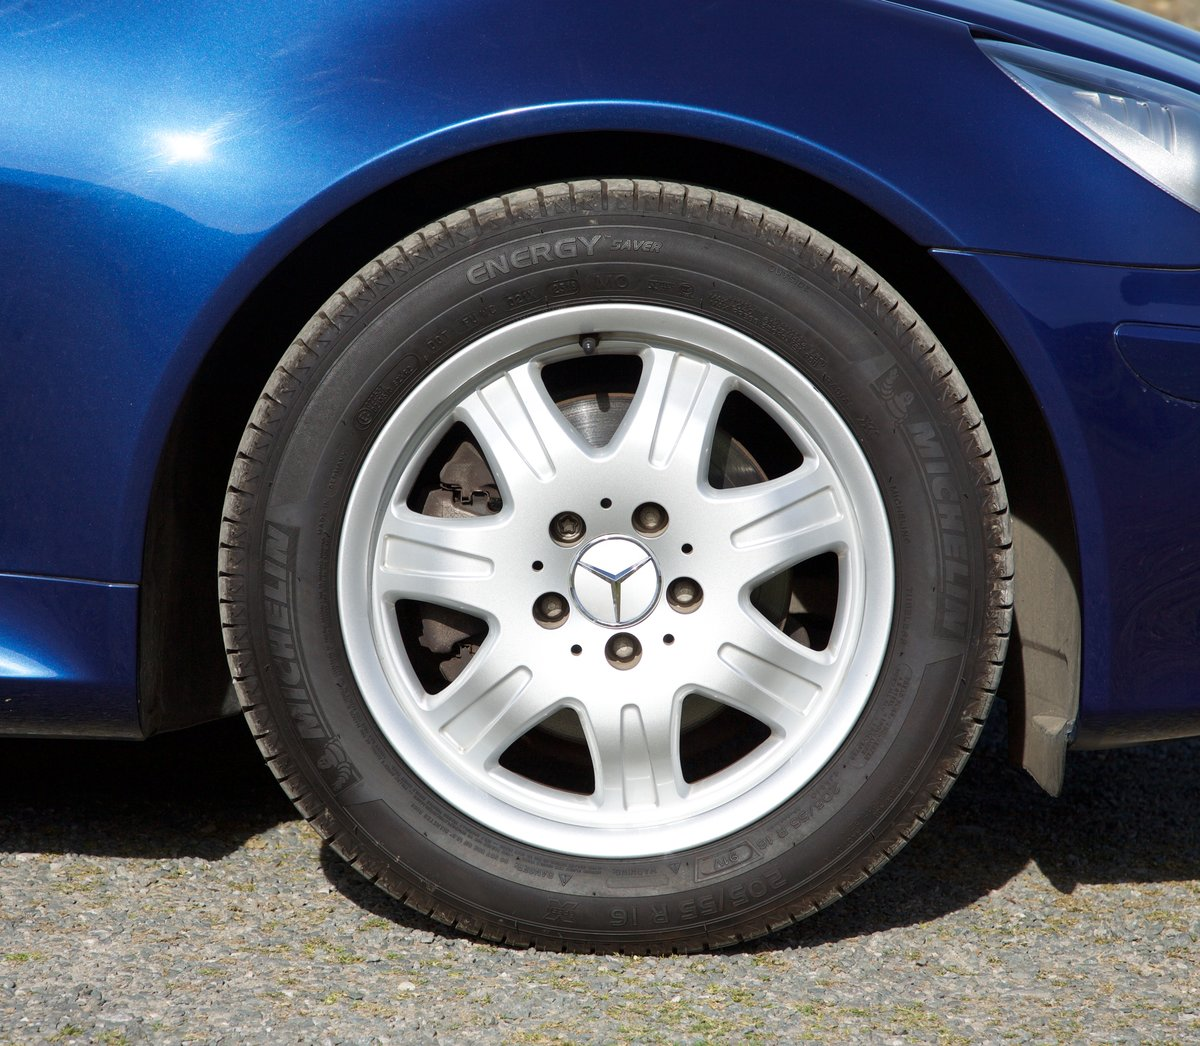 2006 Mercedes SLK Superb, 8k miles, FMBSH, Superb For Sale (picture 3 of 6)